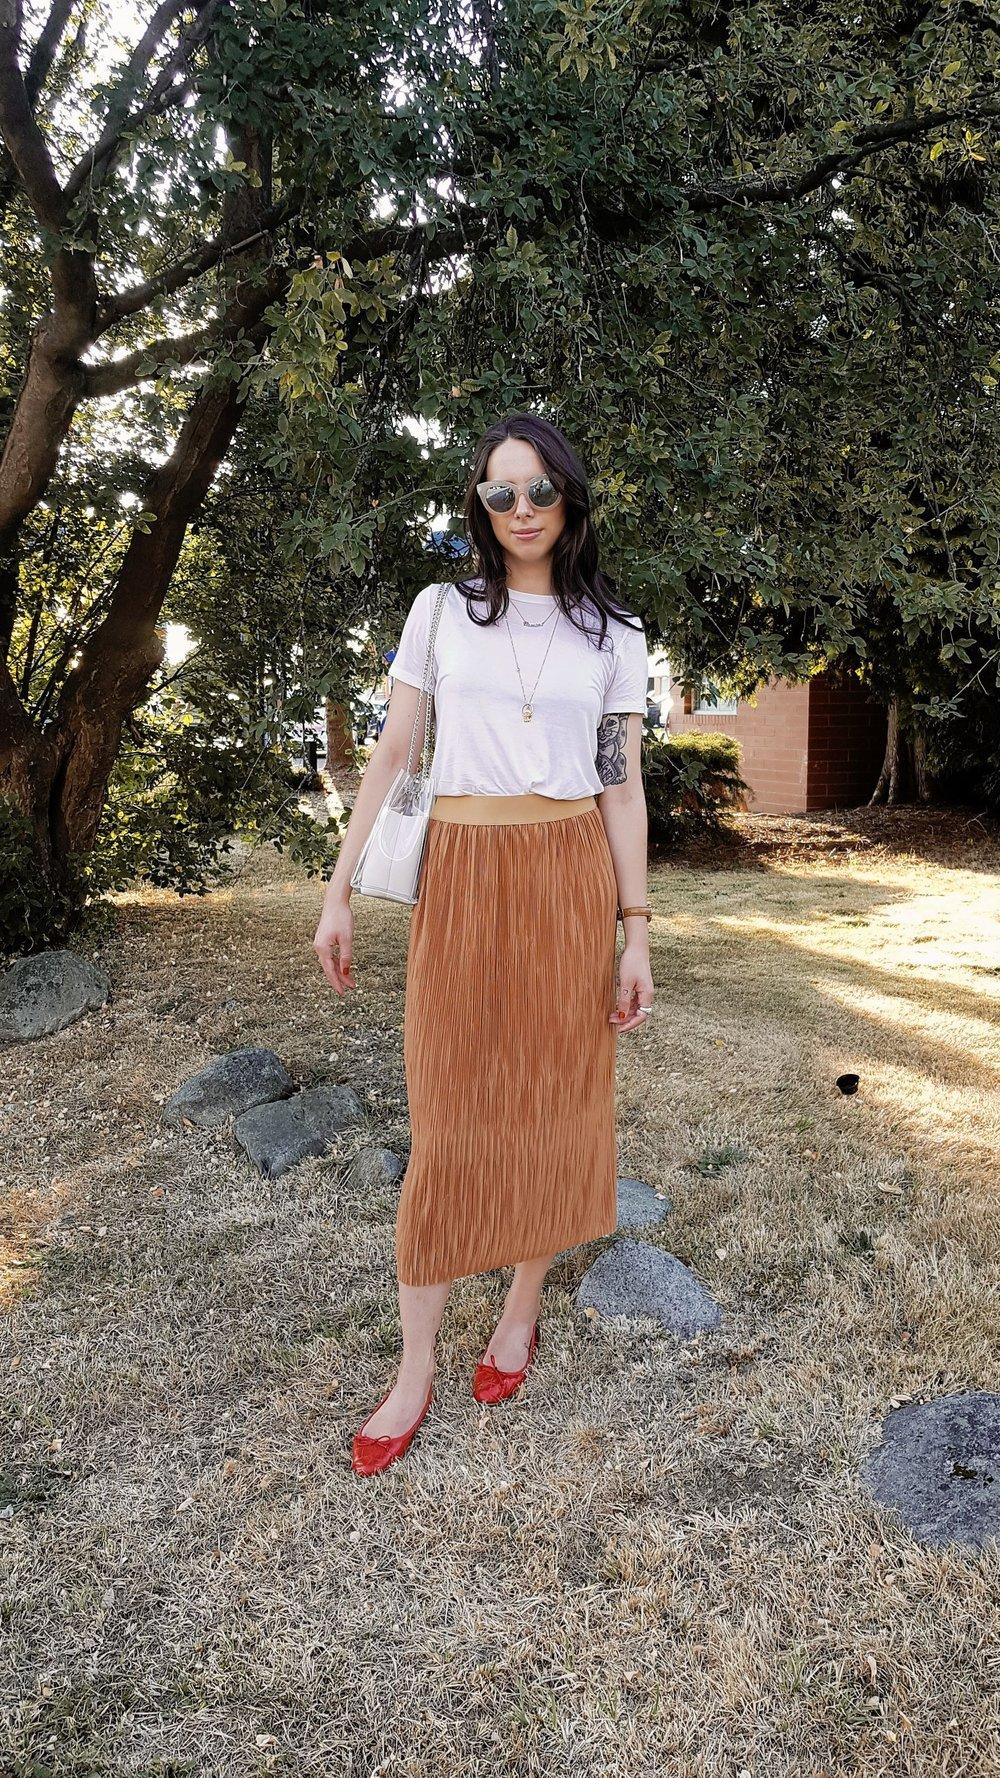 WEDNESDAY - Cheap Monday sunnies, Zara tee & flats, Dynamite skirt